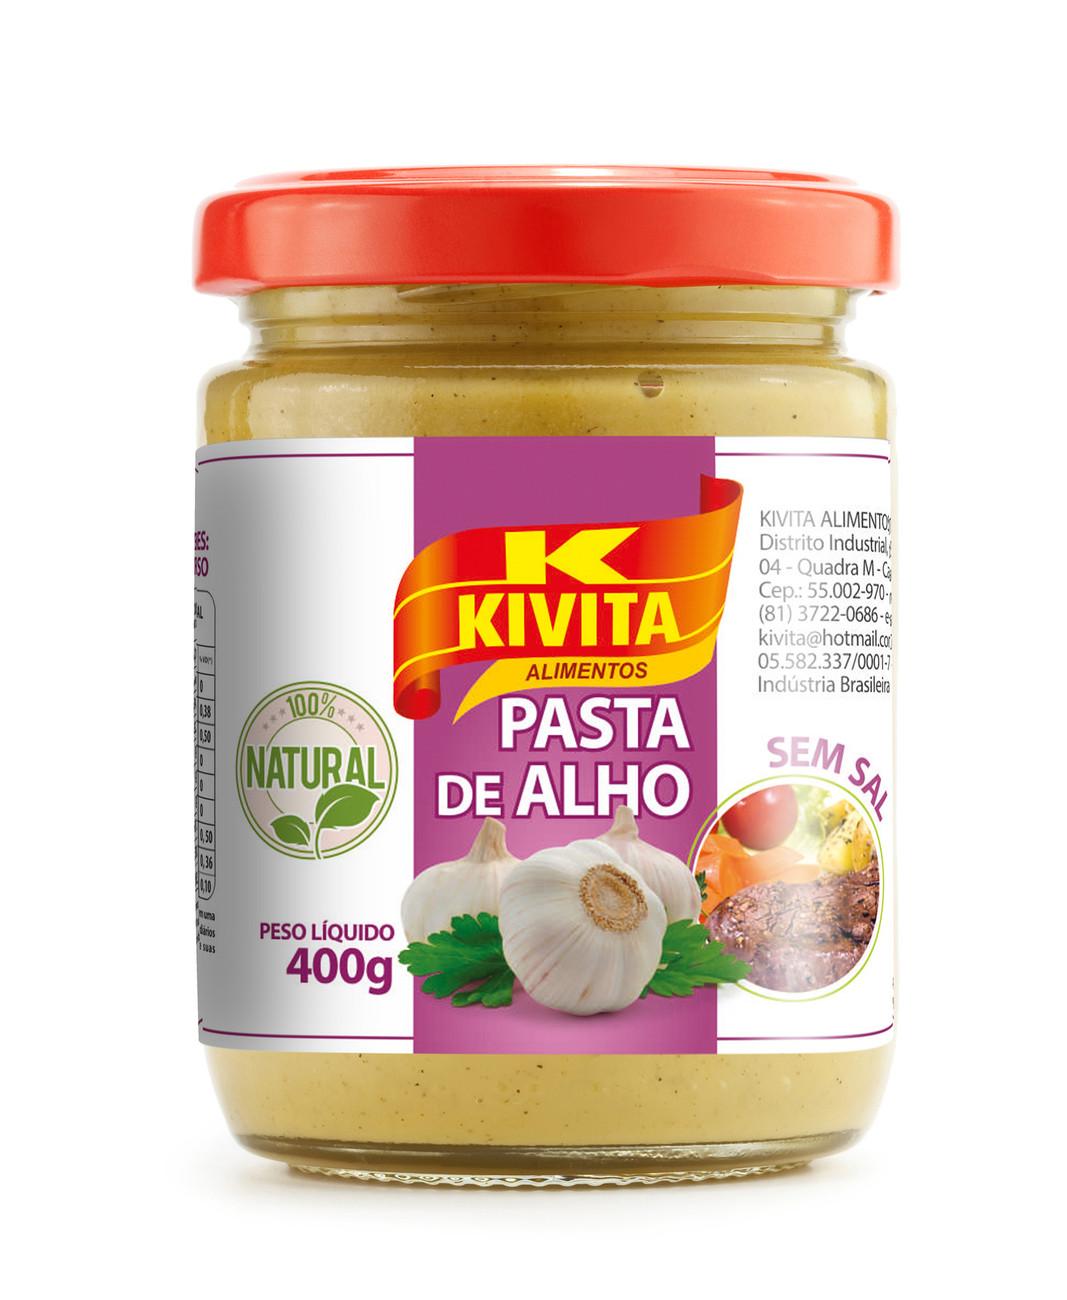 Vidro Pasta de Alho Kivita